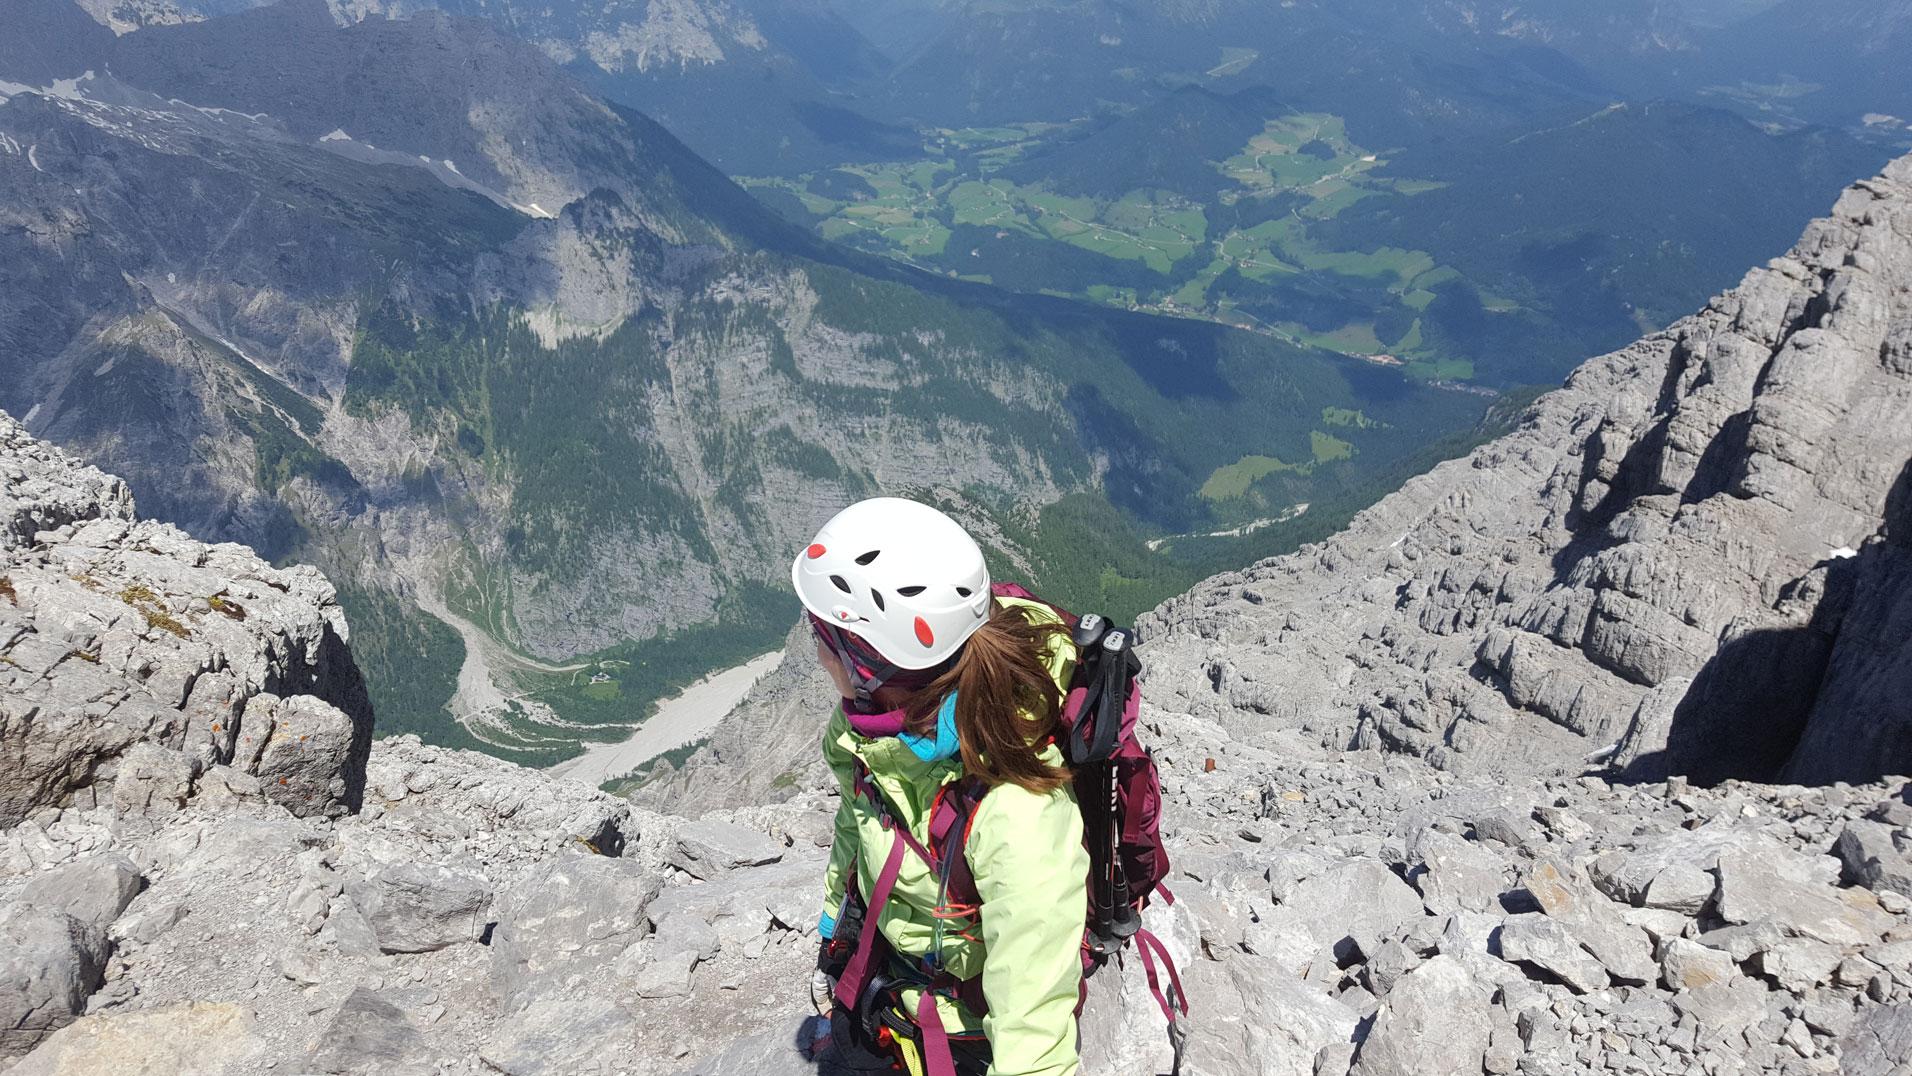 munichmountaingirls-watzmann-ueberschreitung-connie-haas-tourenbericht-erfahrung-ausblick